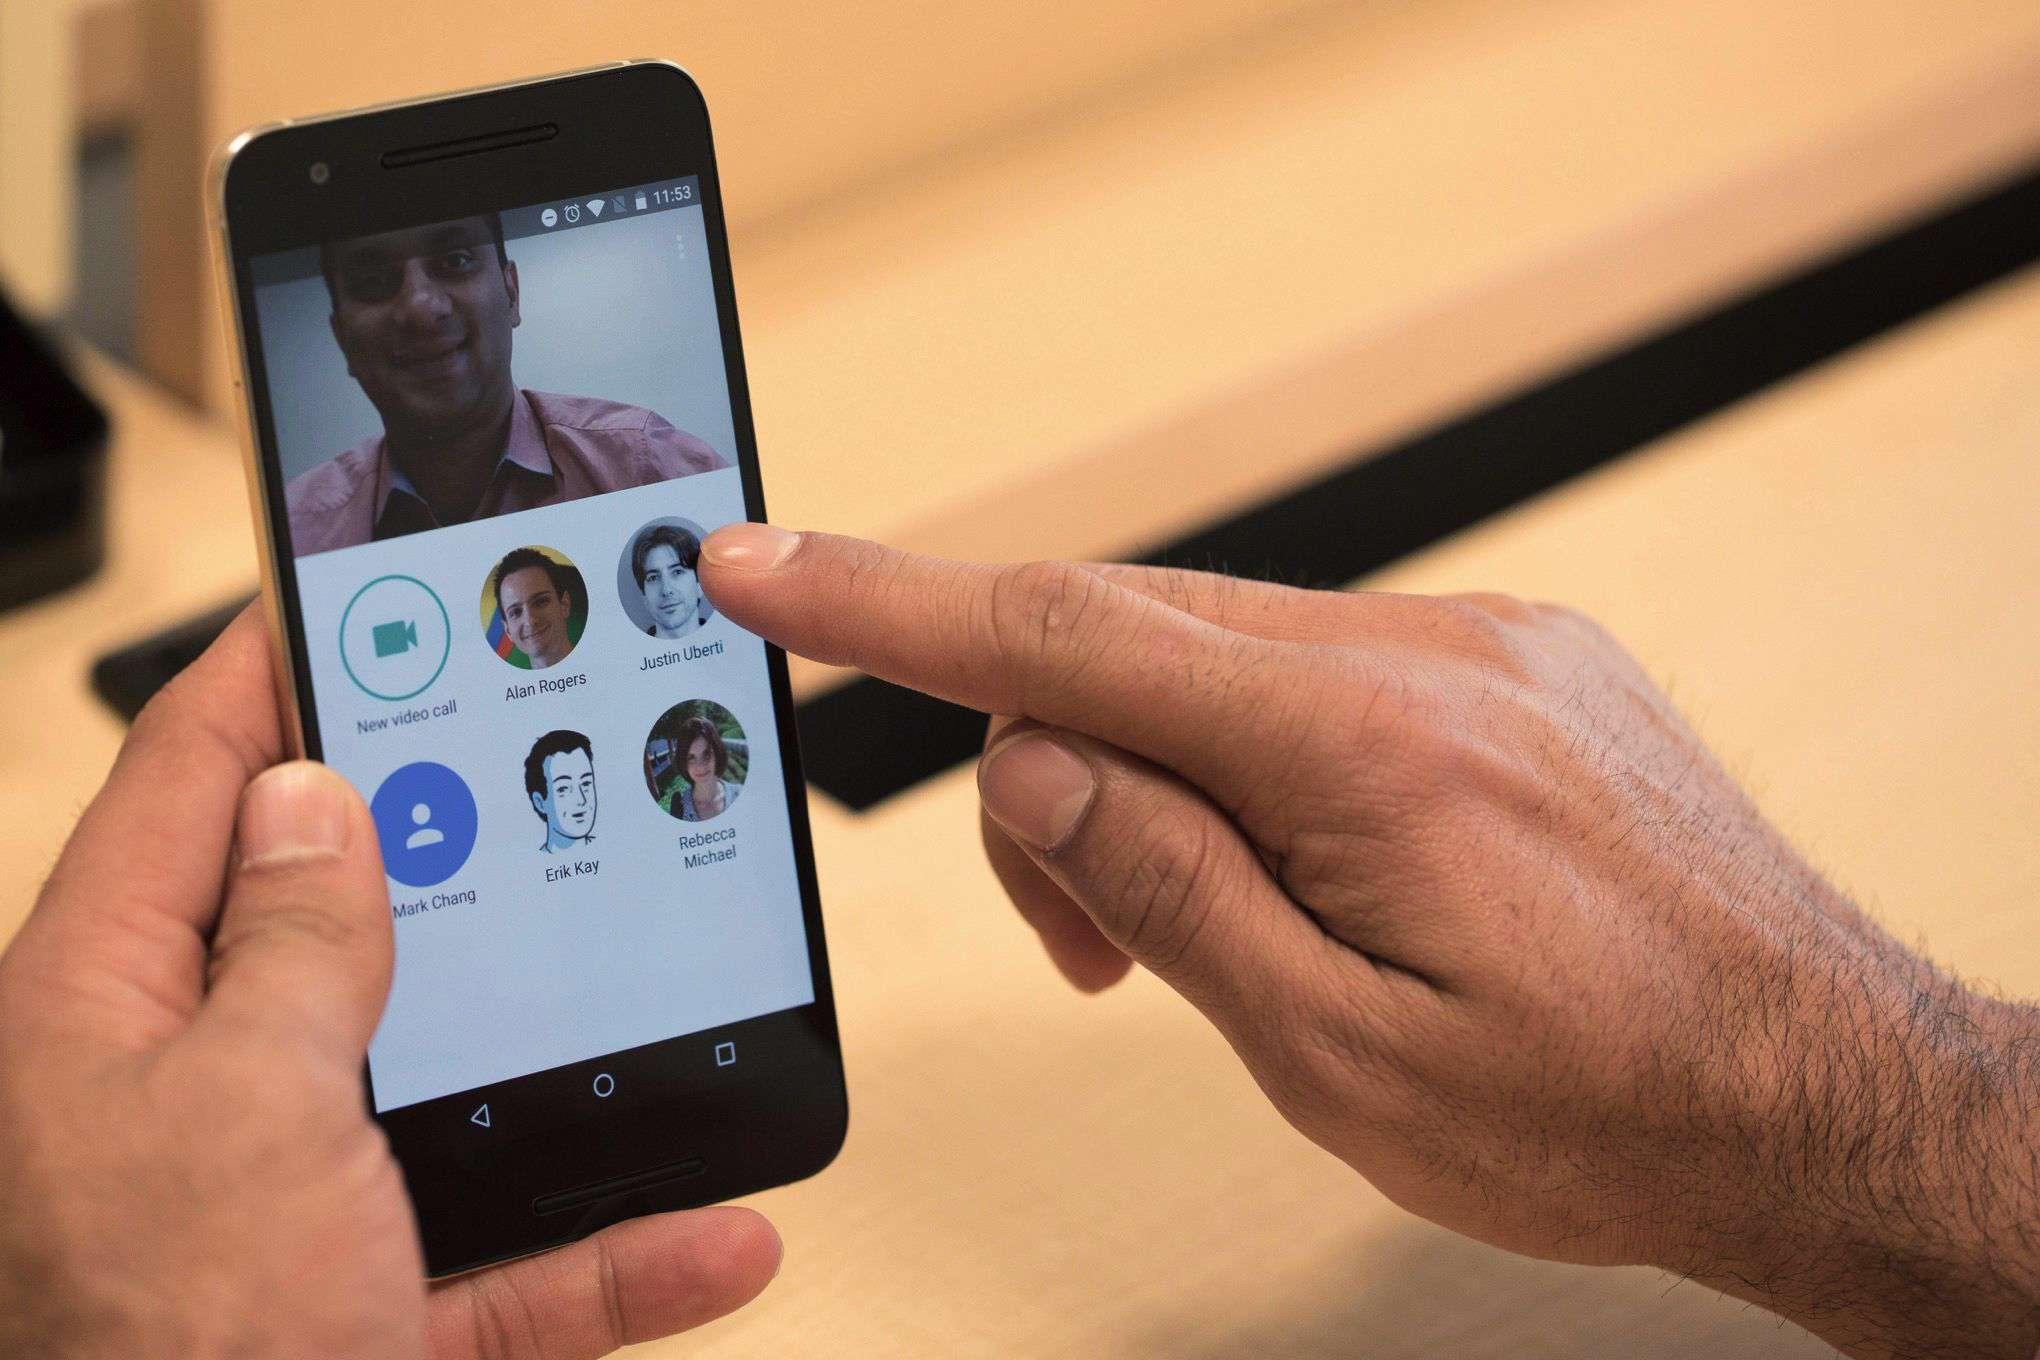 دانلود نرم افزار مکالمه ویدیویی گوگل Google Duo 2.0.134342967 برای اندروید